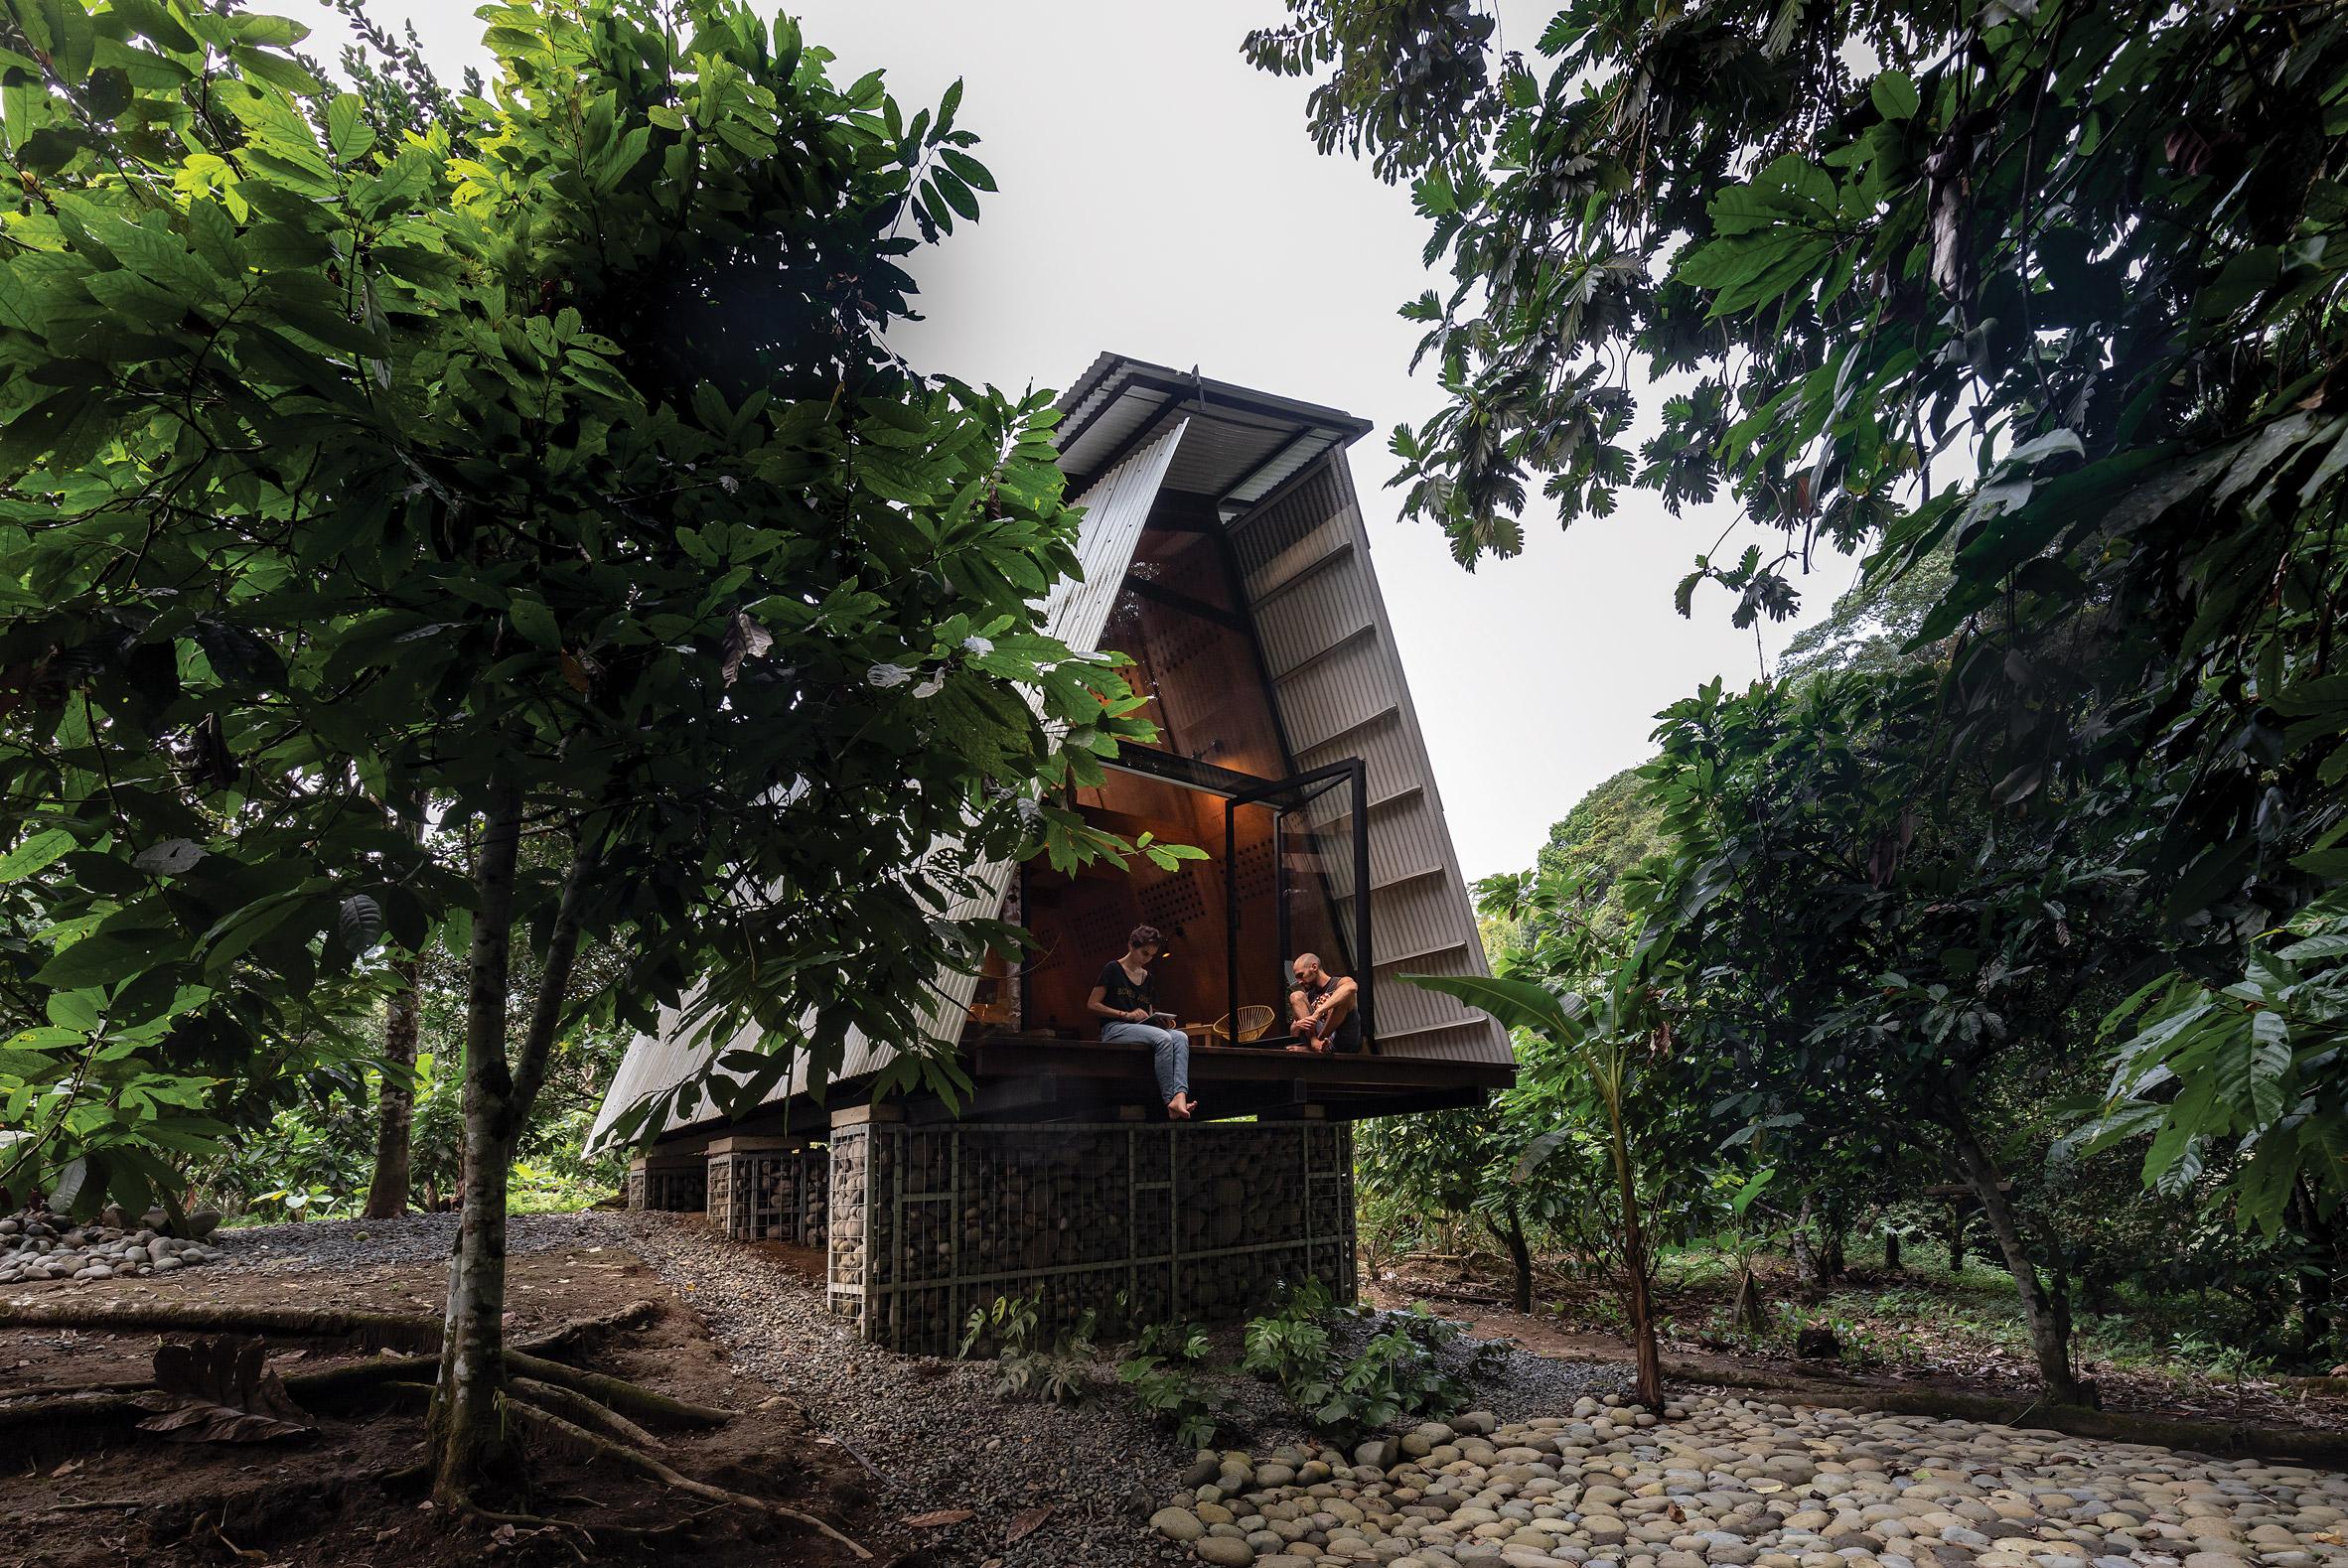 Huaira cabin in Ecuador